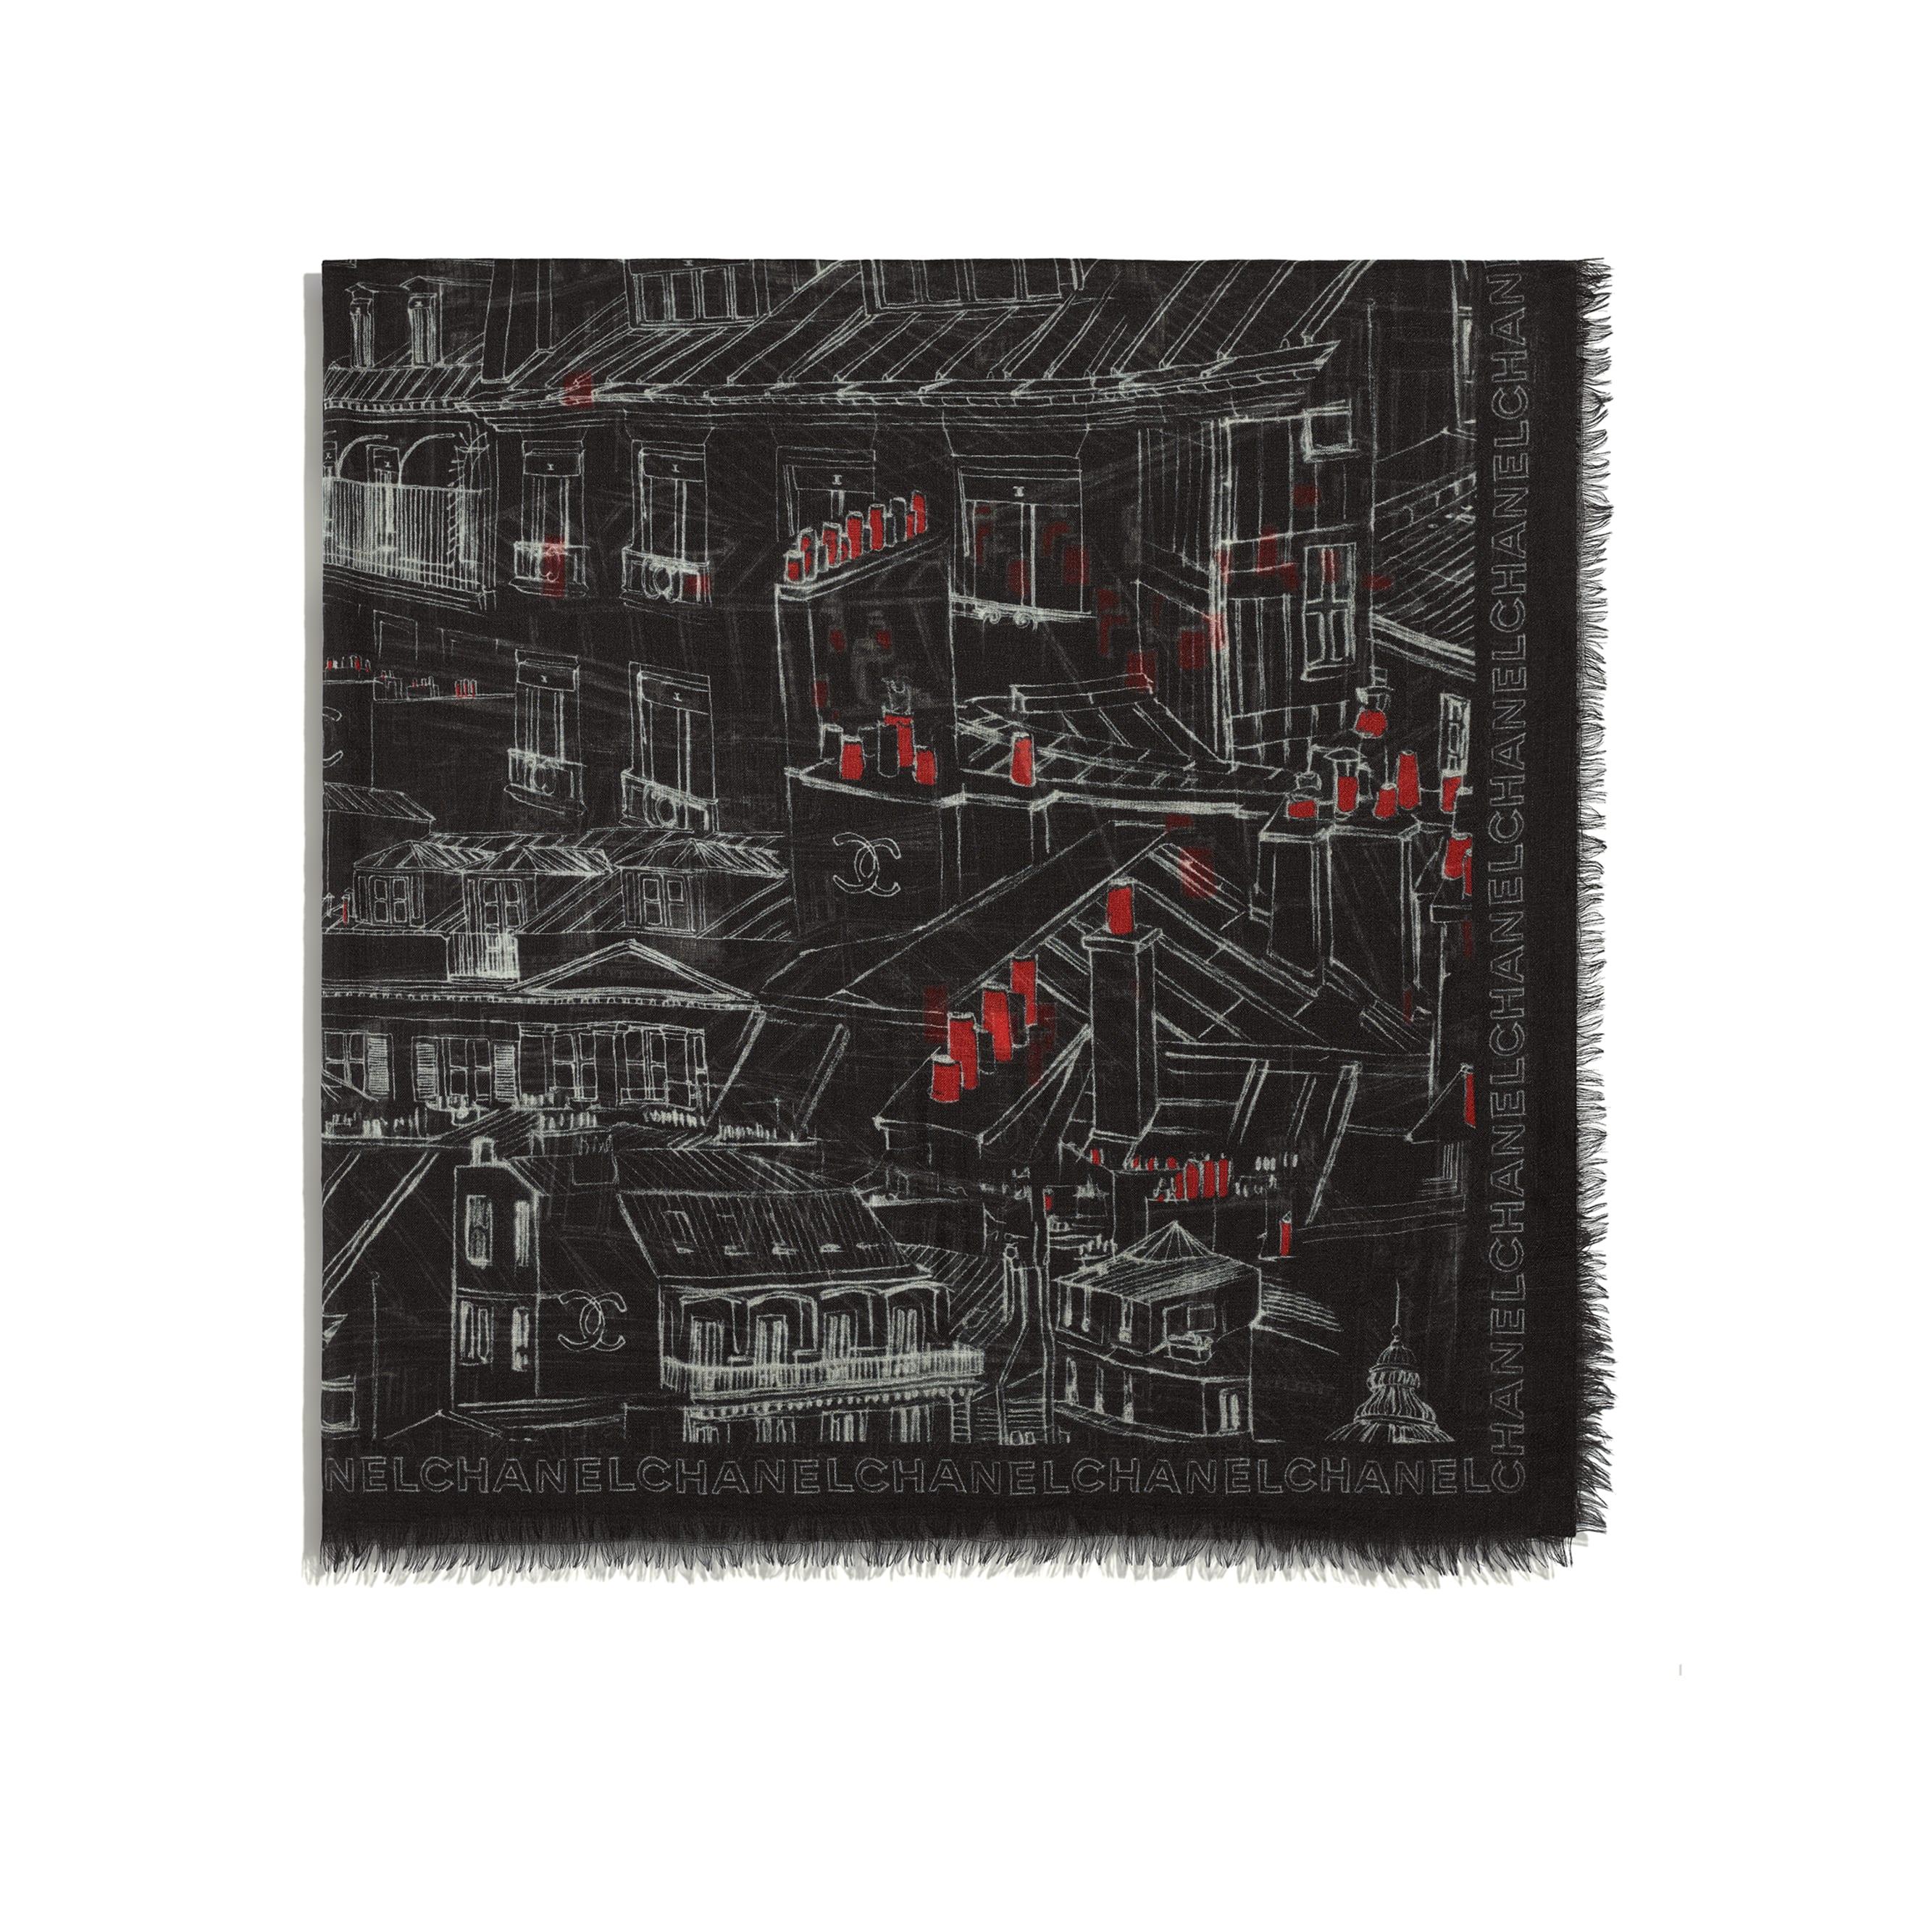 Tuch - Schwarz, Rot & Weiß - Kaschmir - Alternative Ansicht - Standardgröße anzeigen